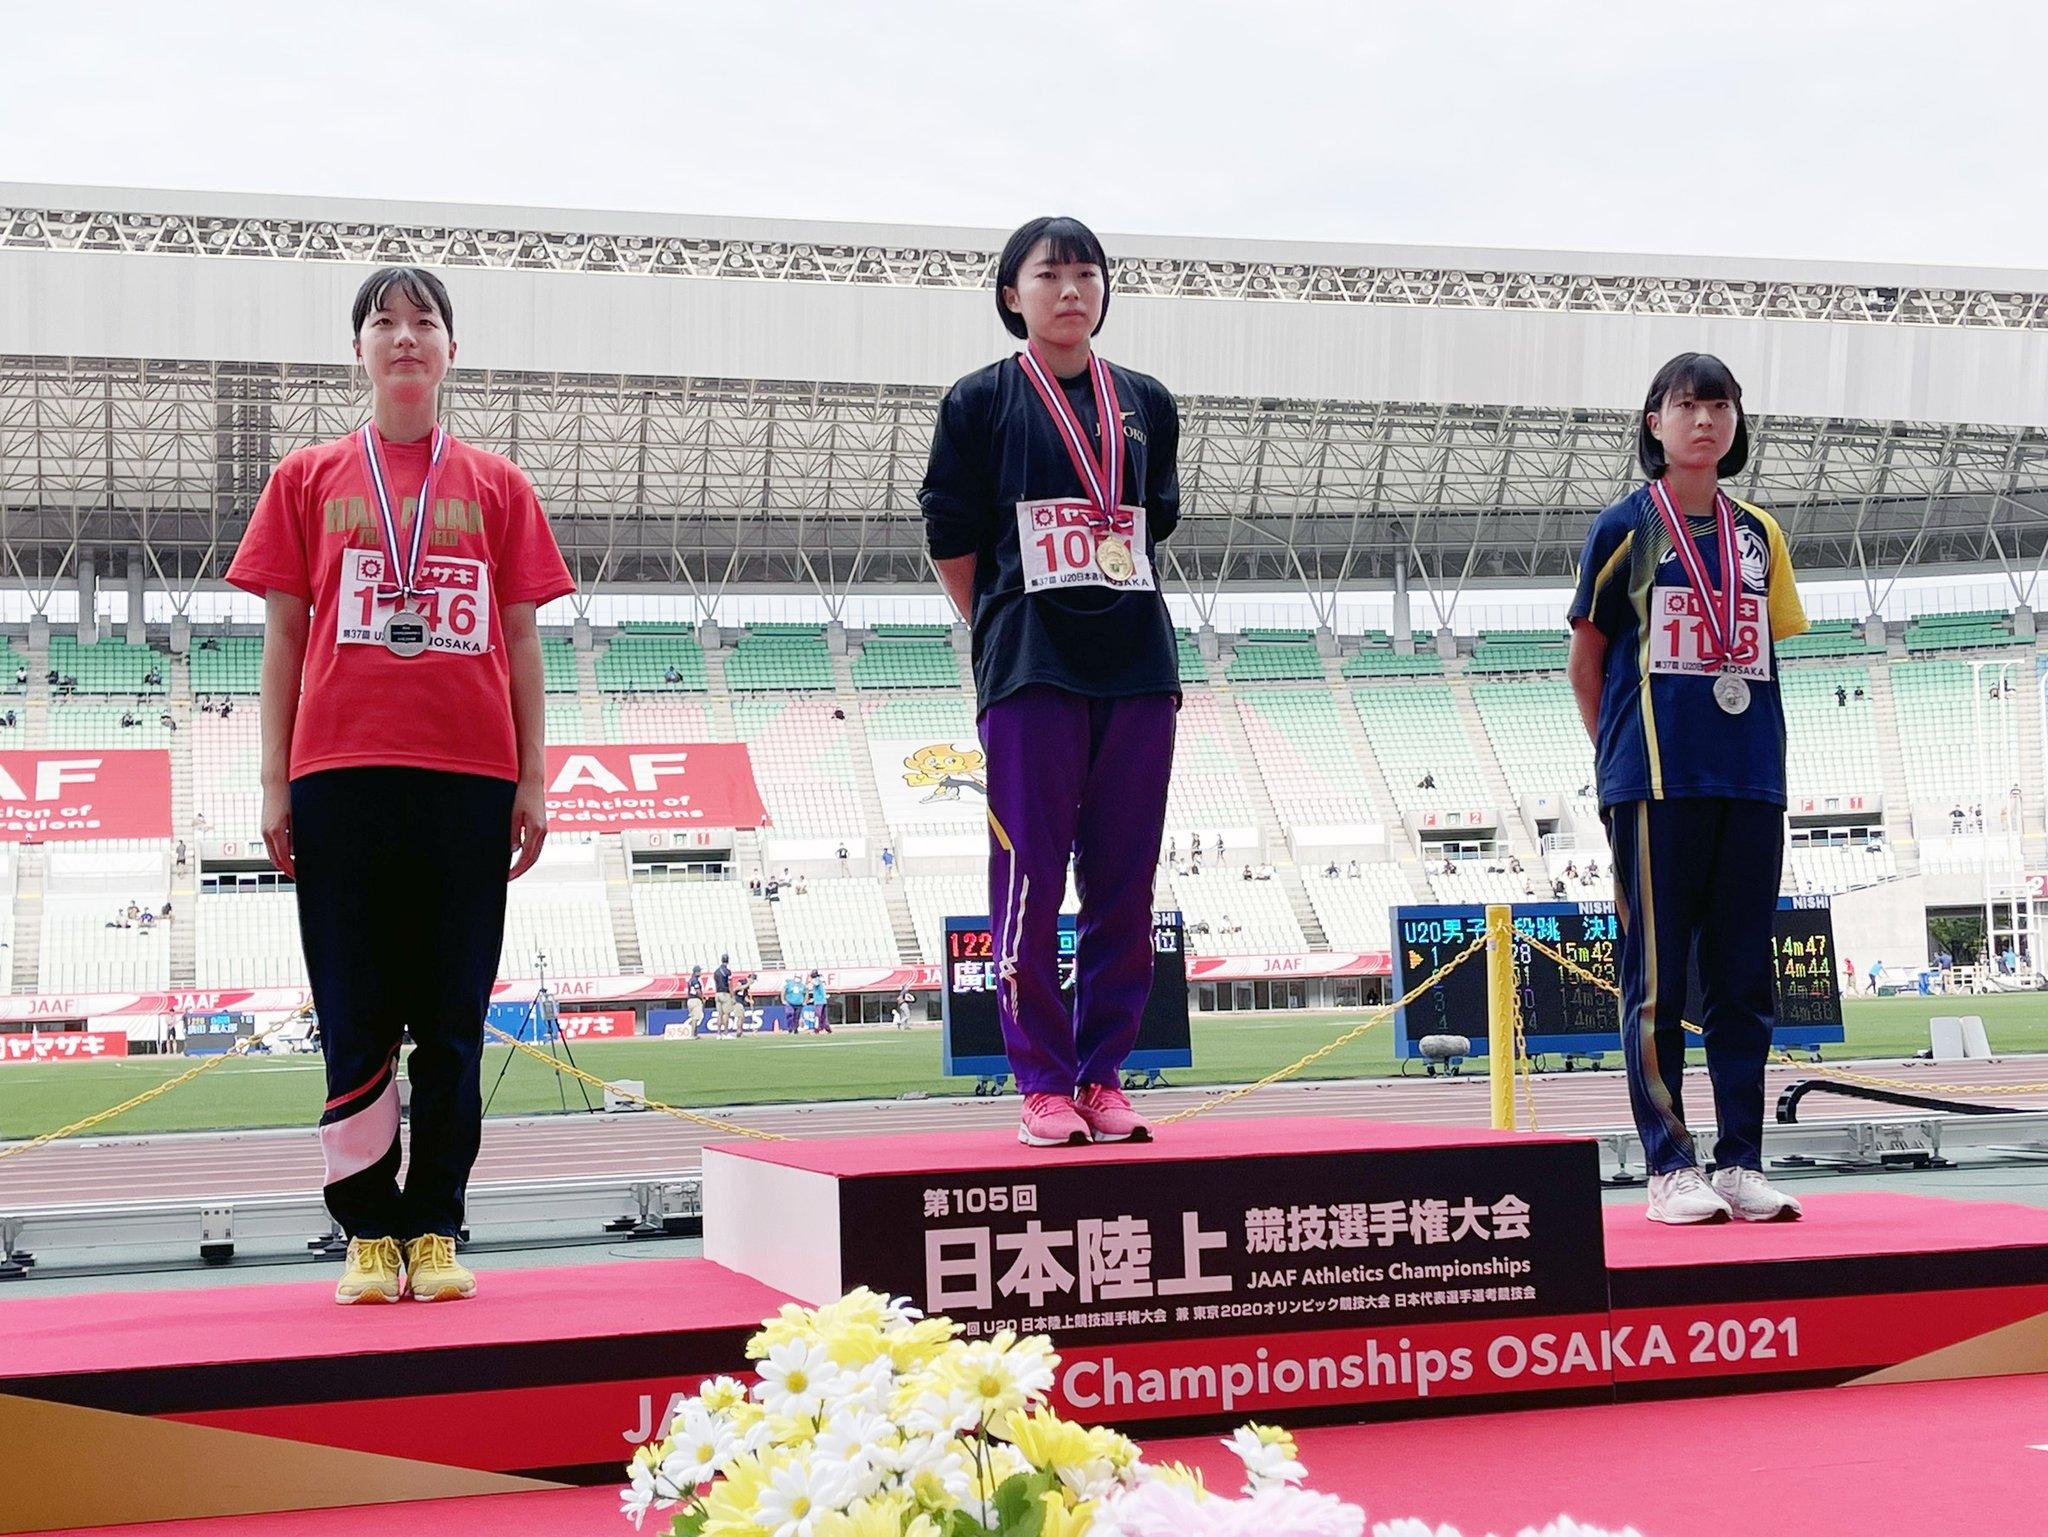 陸上部 U20日本陸上競技選手権大会 3名参加 女子棒高跳び【優勝】